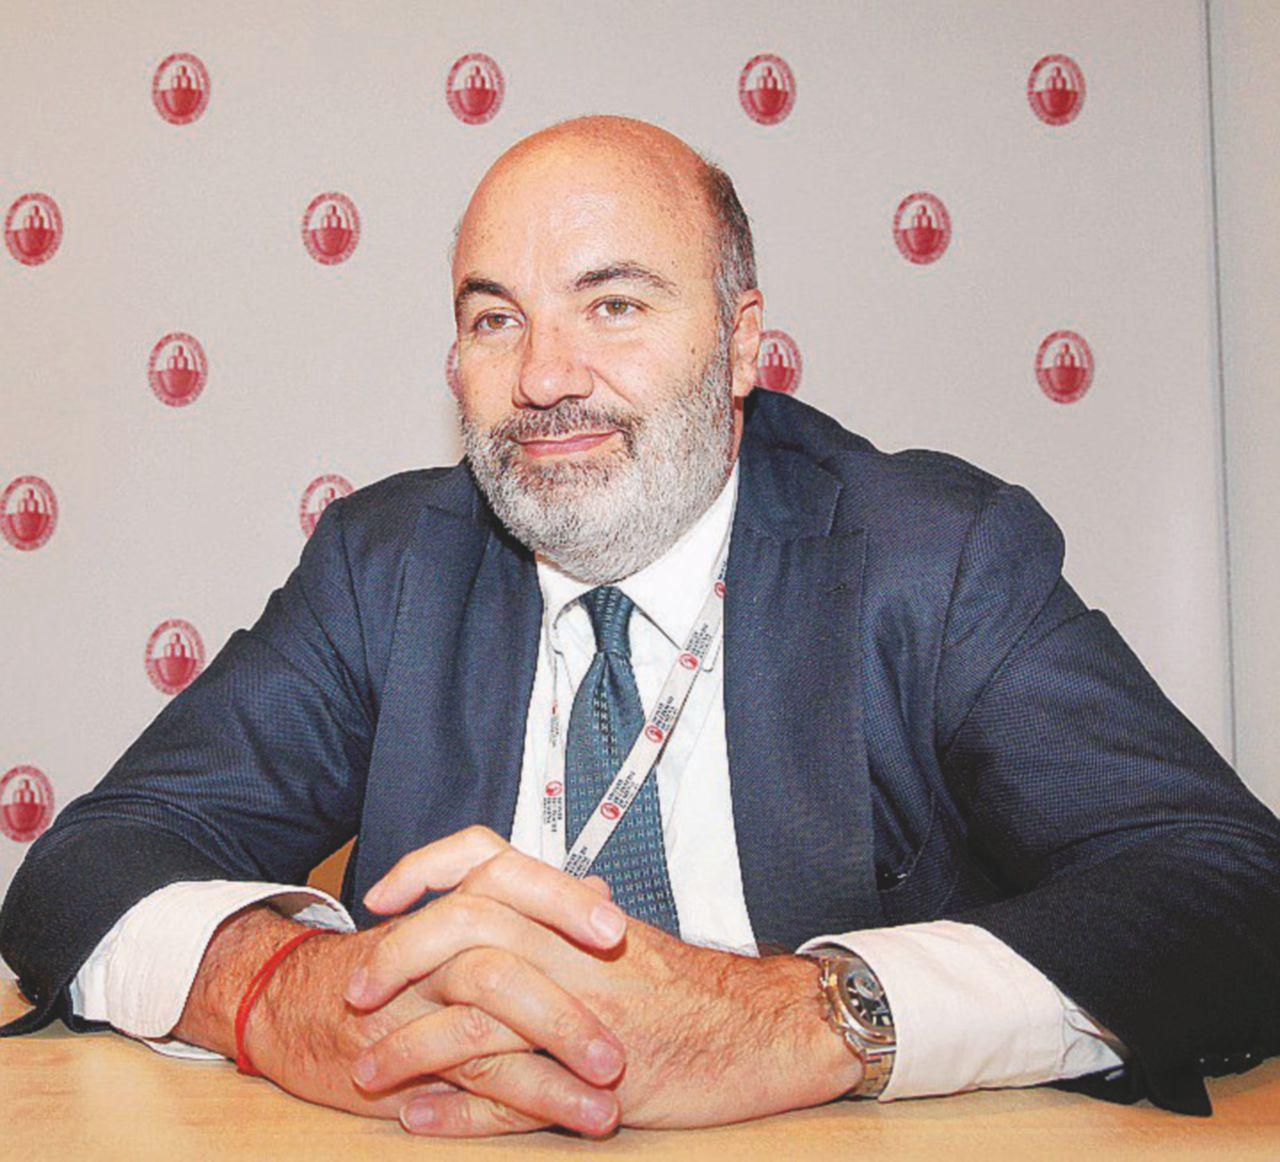 L'obiettivo: far stare in piedi Siena fino al referendum